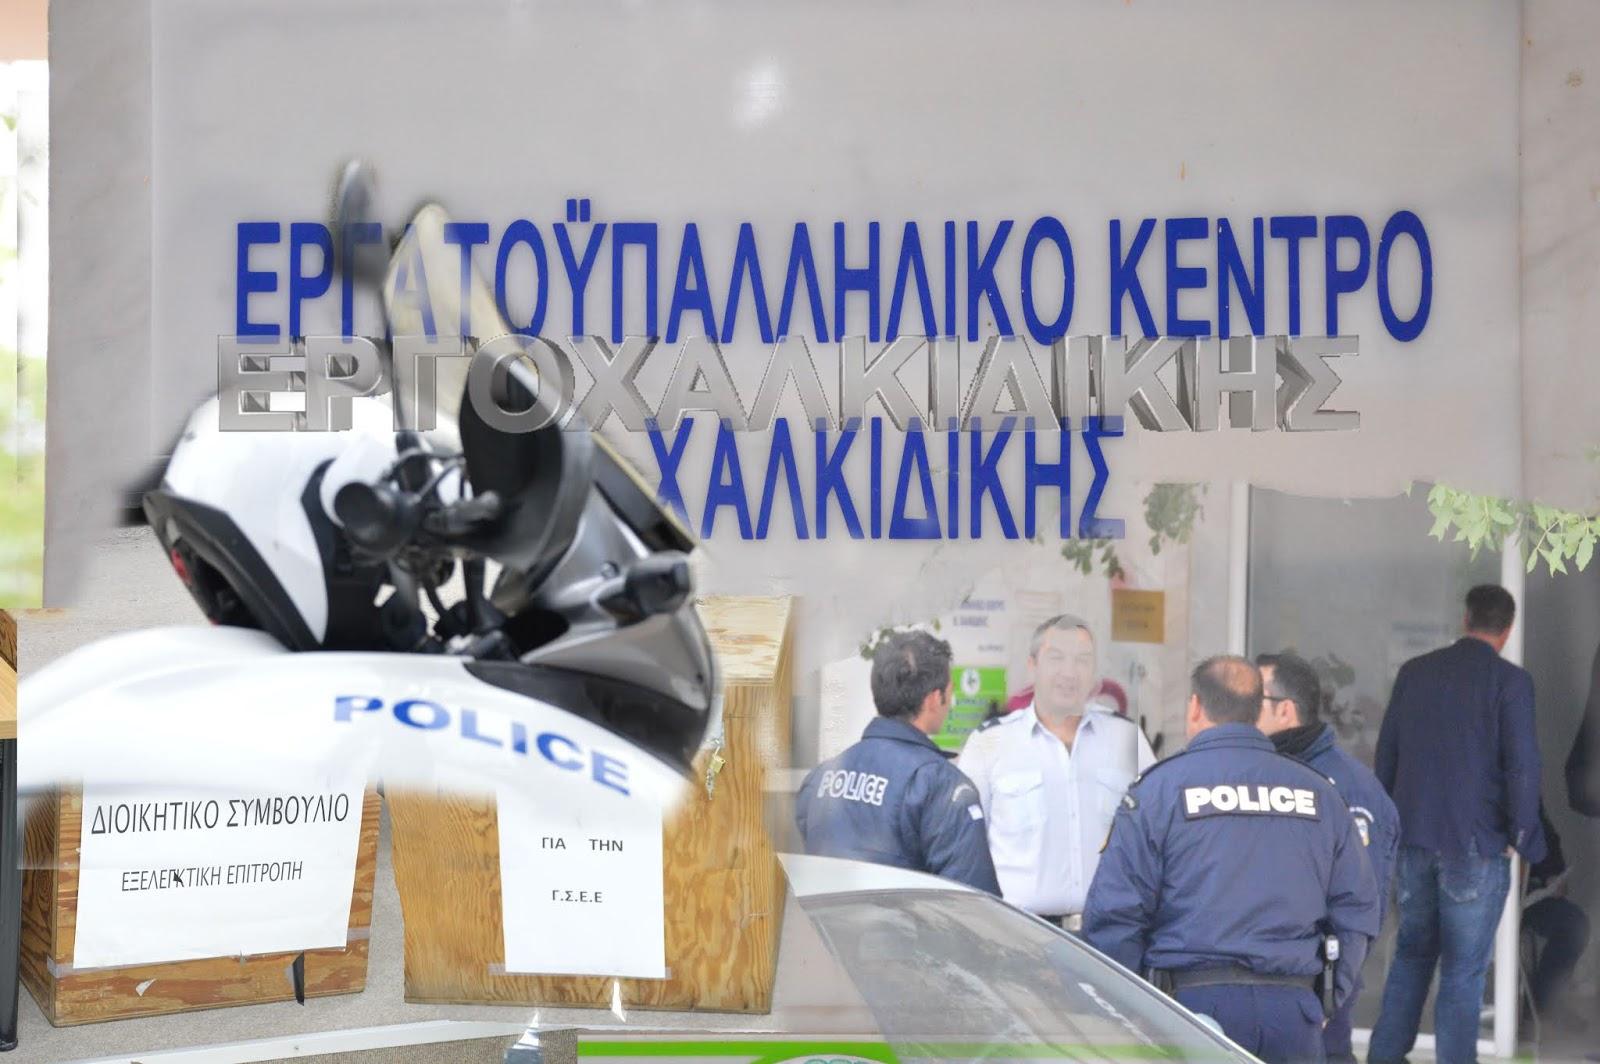 Καταγγελία: Το Εργατικό Κέντρο Χαλκιδικής εγγράφει όποιους θέλει...